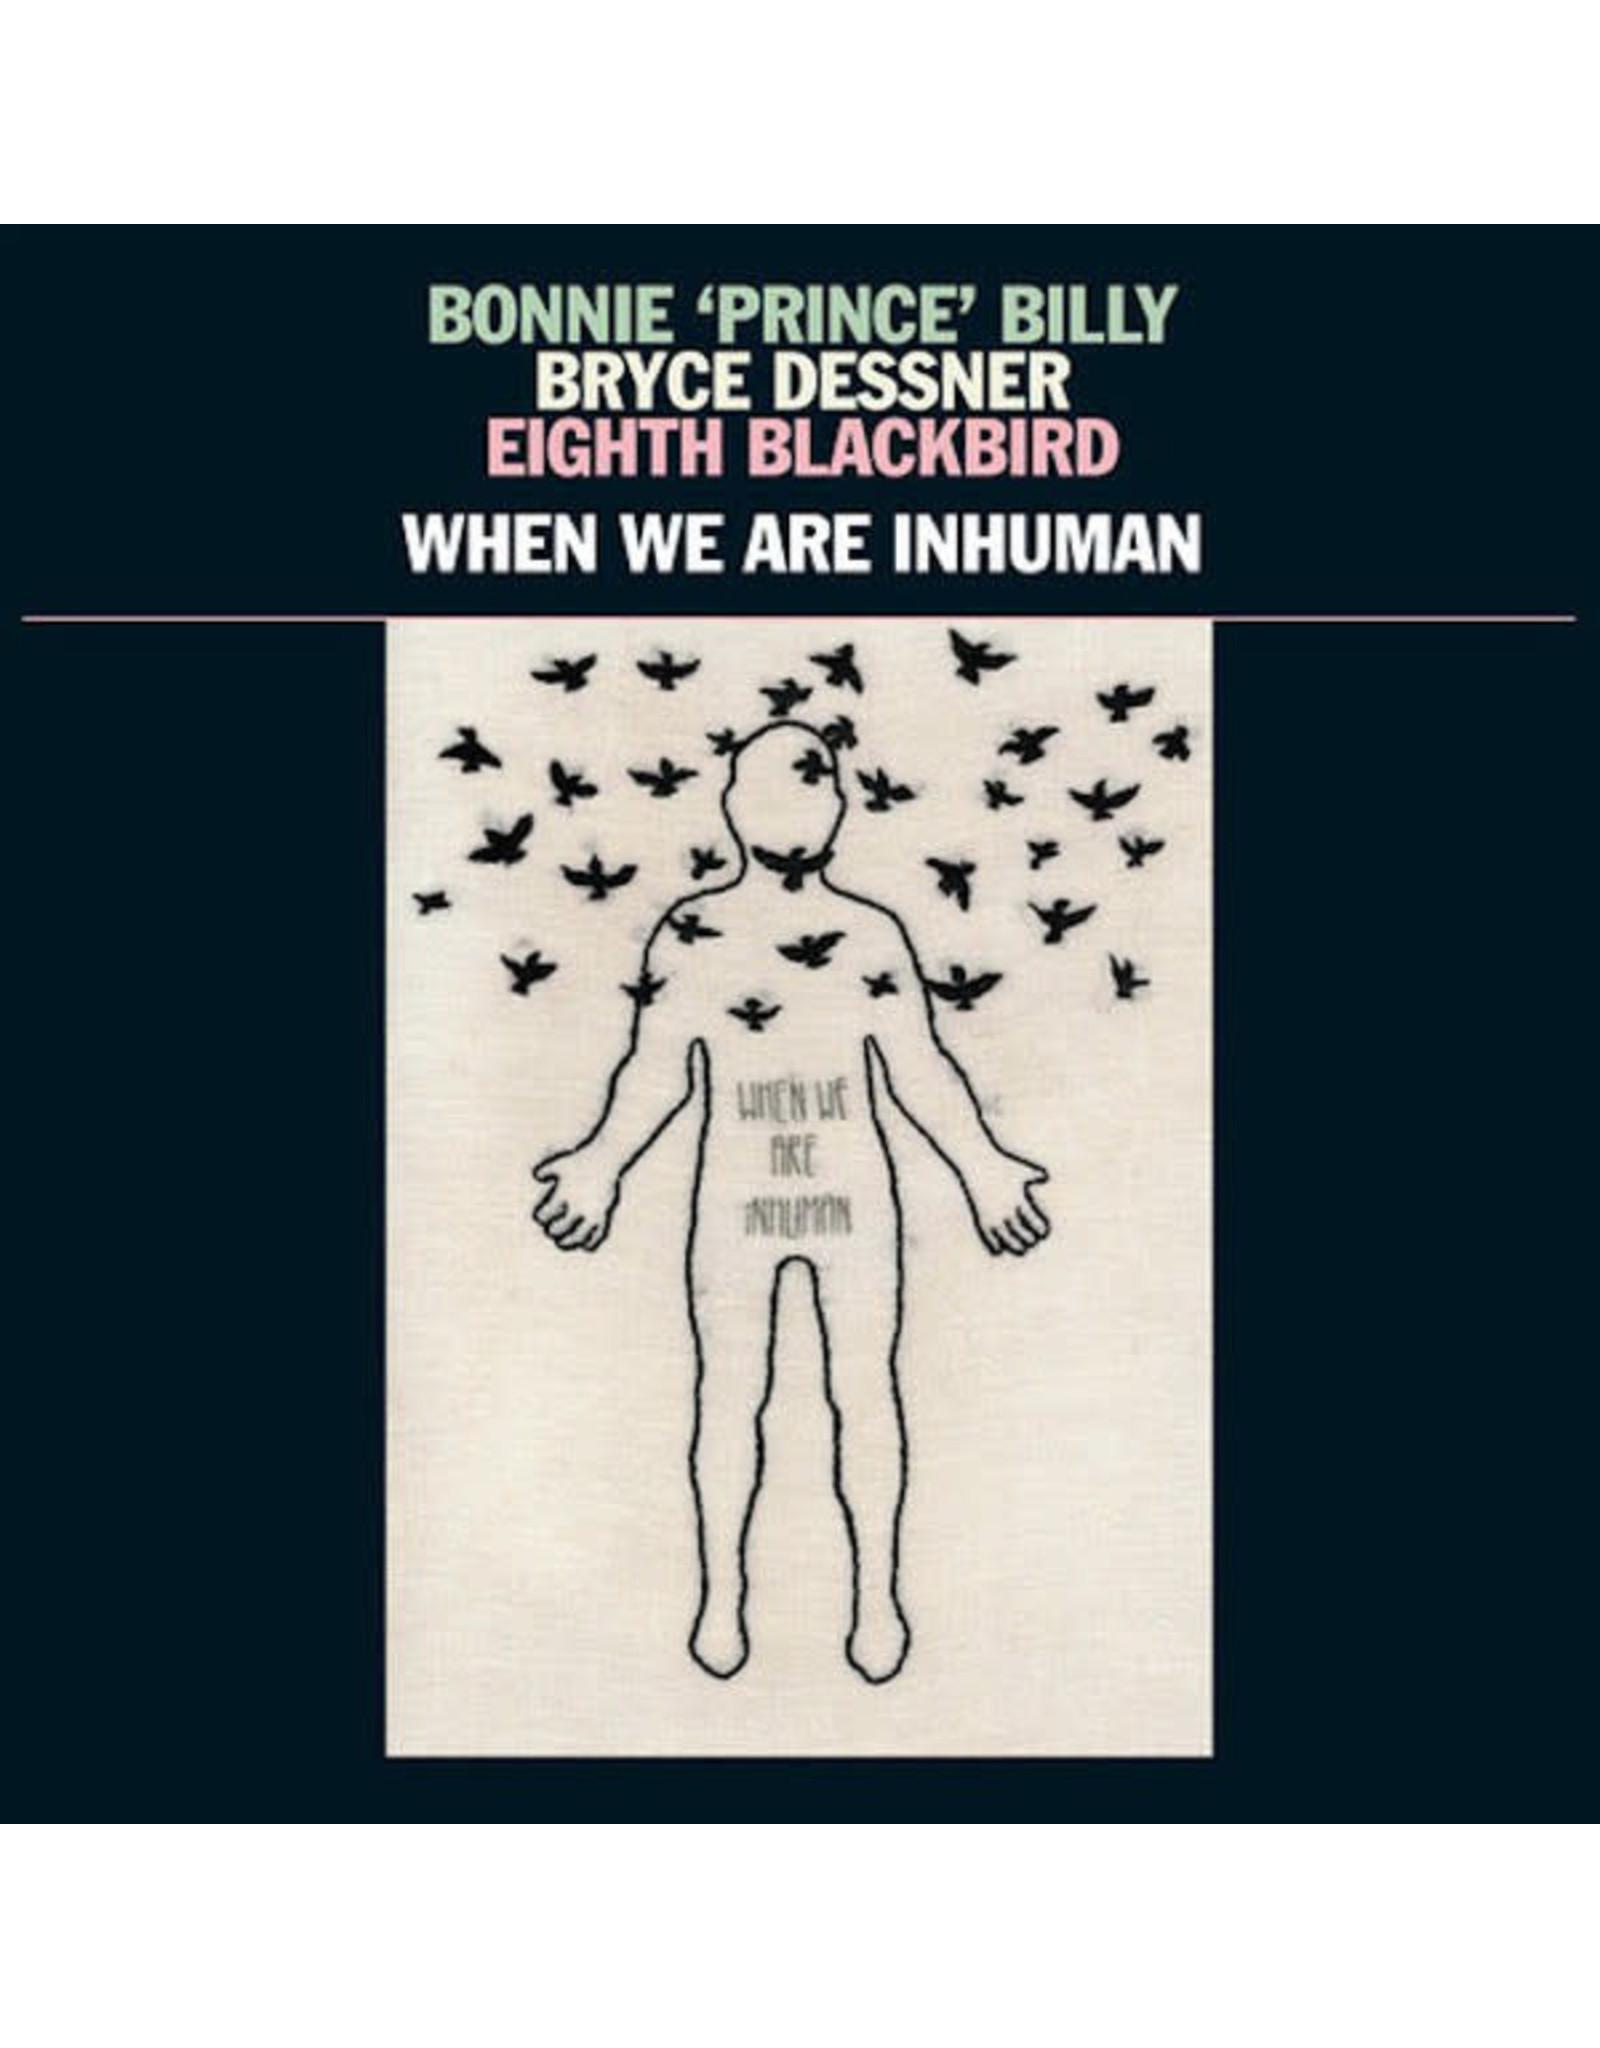 Bonnie Prince Billy/Bryce Dessner/Eighth Blackbird - When We Are Inhuman (2LP)